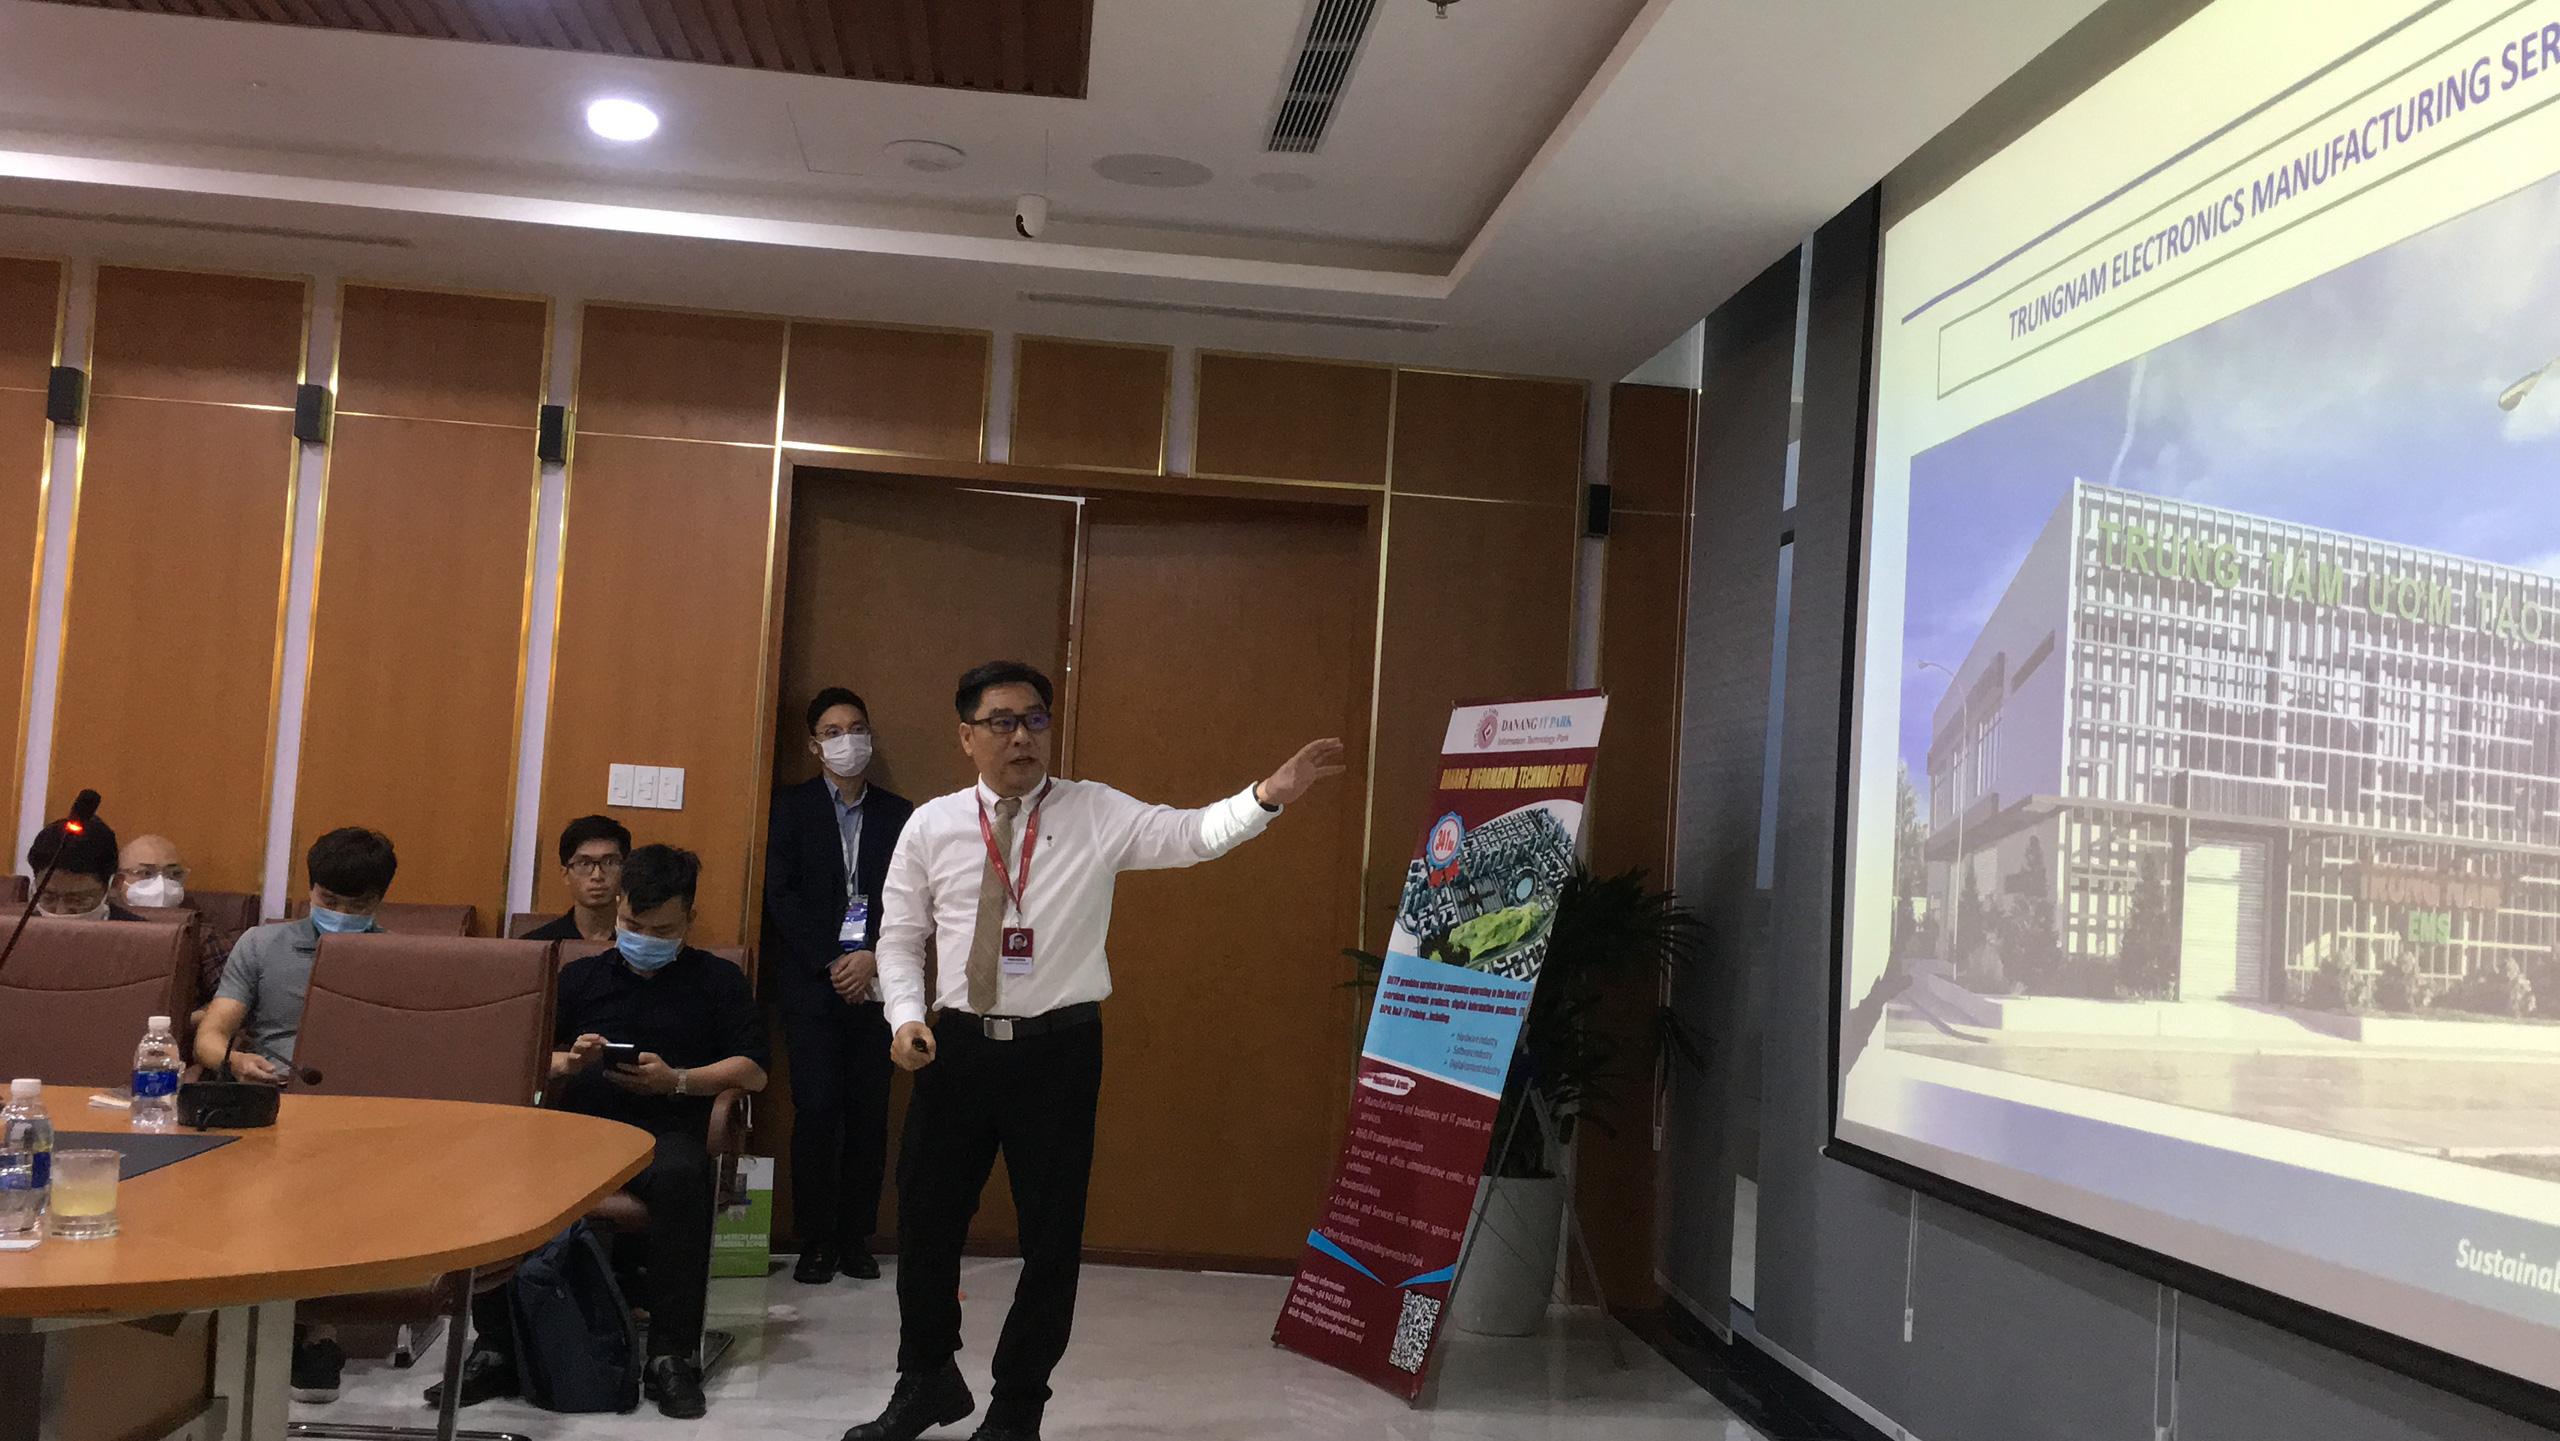 Gần 30 doanh nghiệp Hàn Quốc tìm kiếm cơ hội đầu tư tại 'thung lũng Silicon Đà Nẵng' - Ảnh 5.